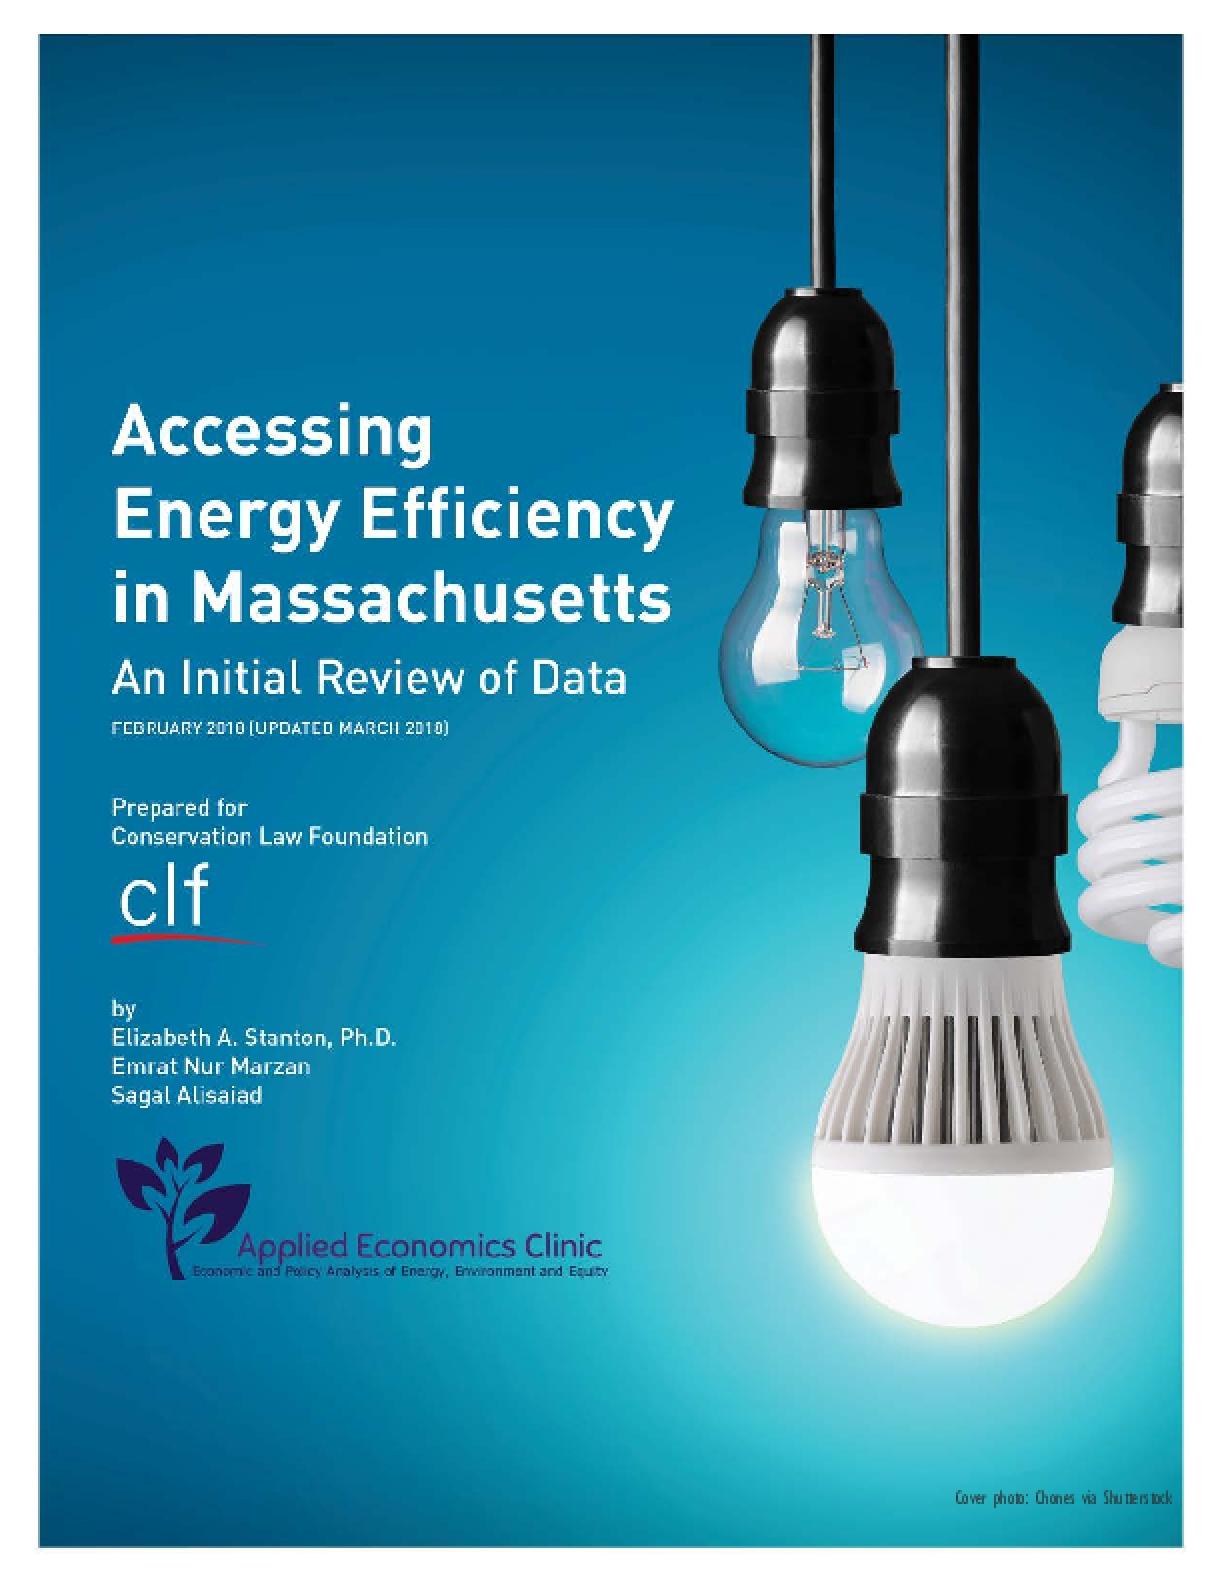 Assessing Energy Efficiency in Massachusetts